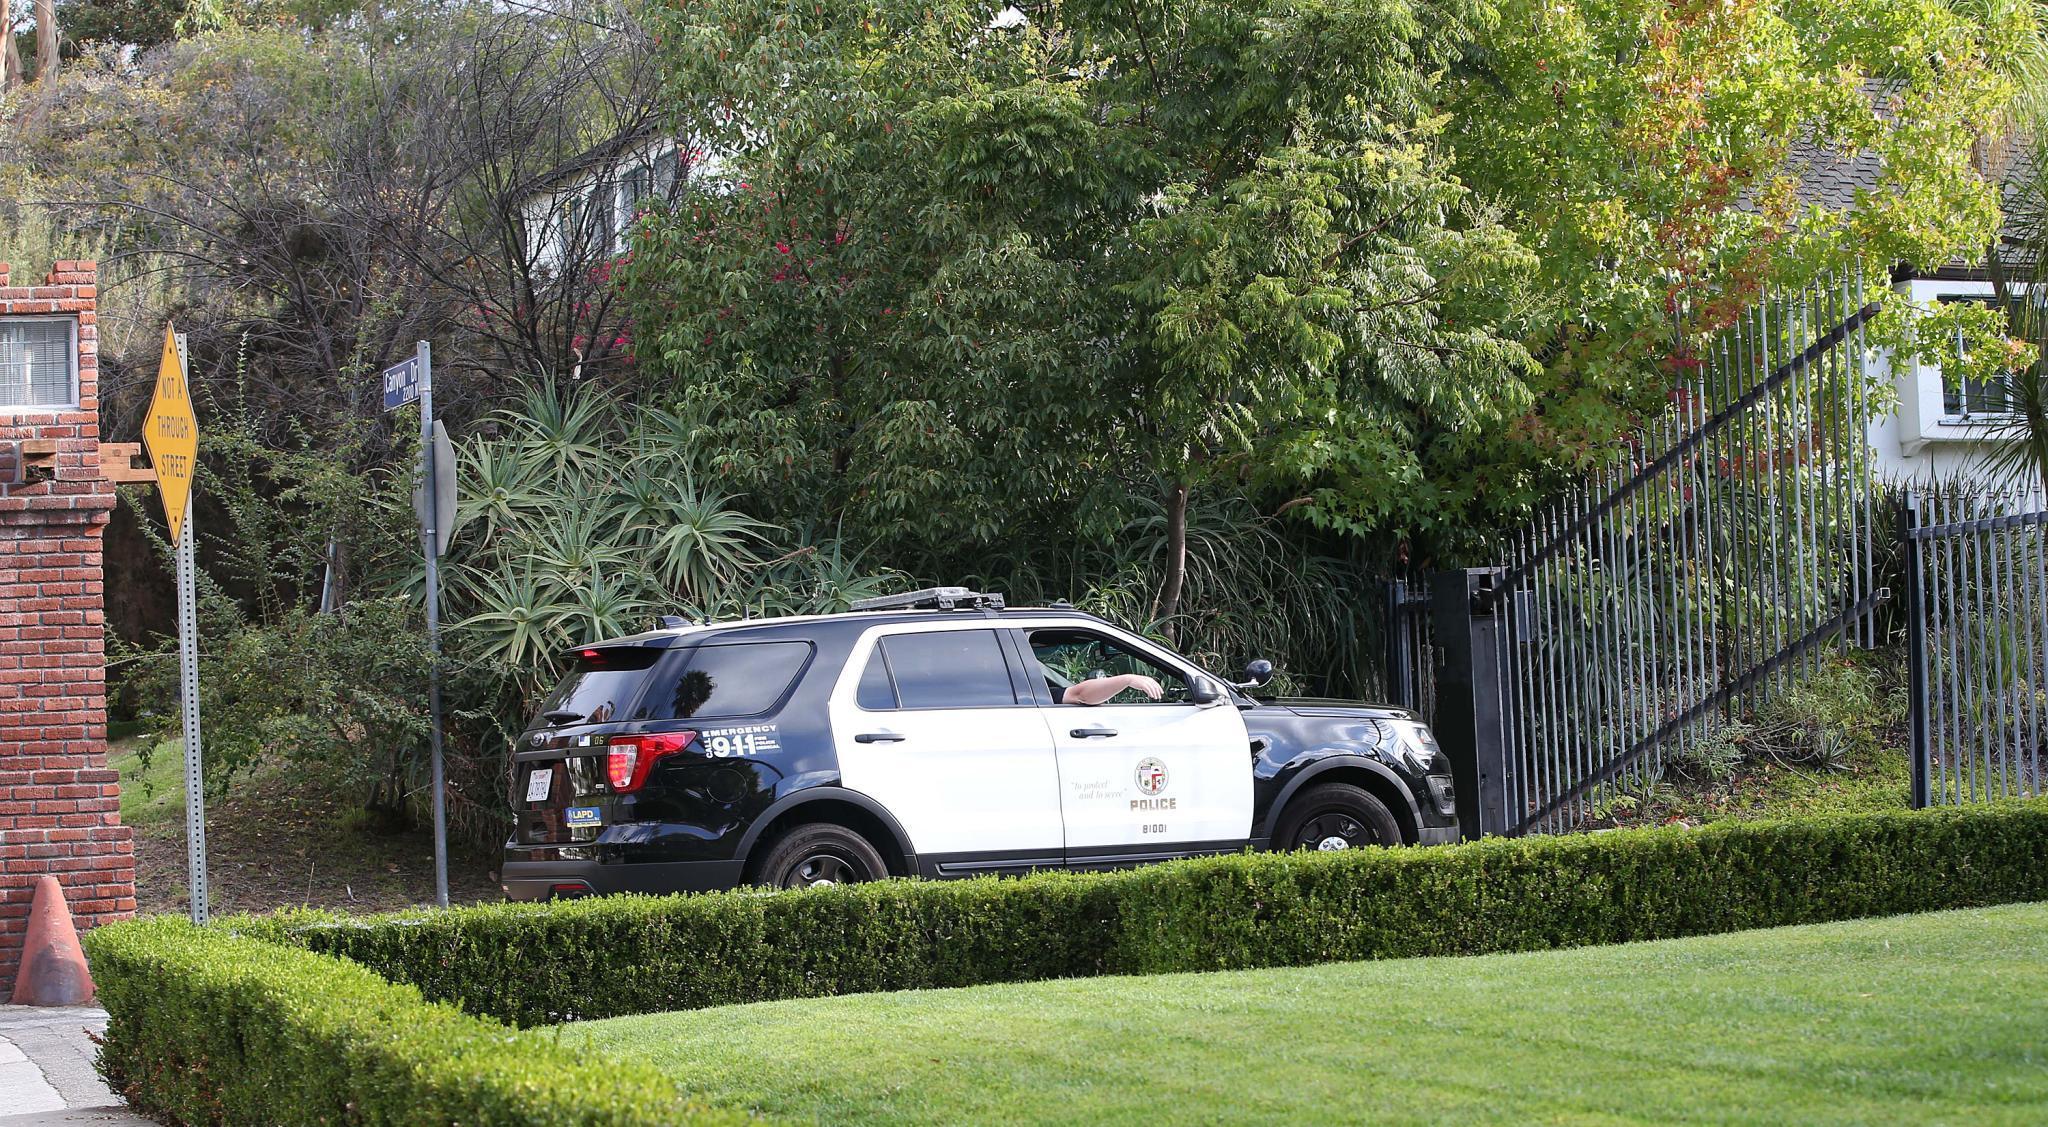 Die Polizei fährt auf das Brangelina-Anwesen in Hollywood, ist jedoch offenbar nicht zuständig.